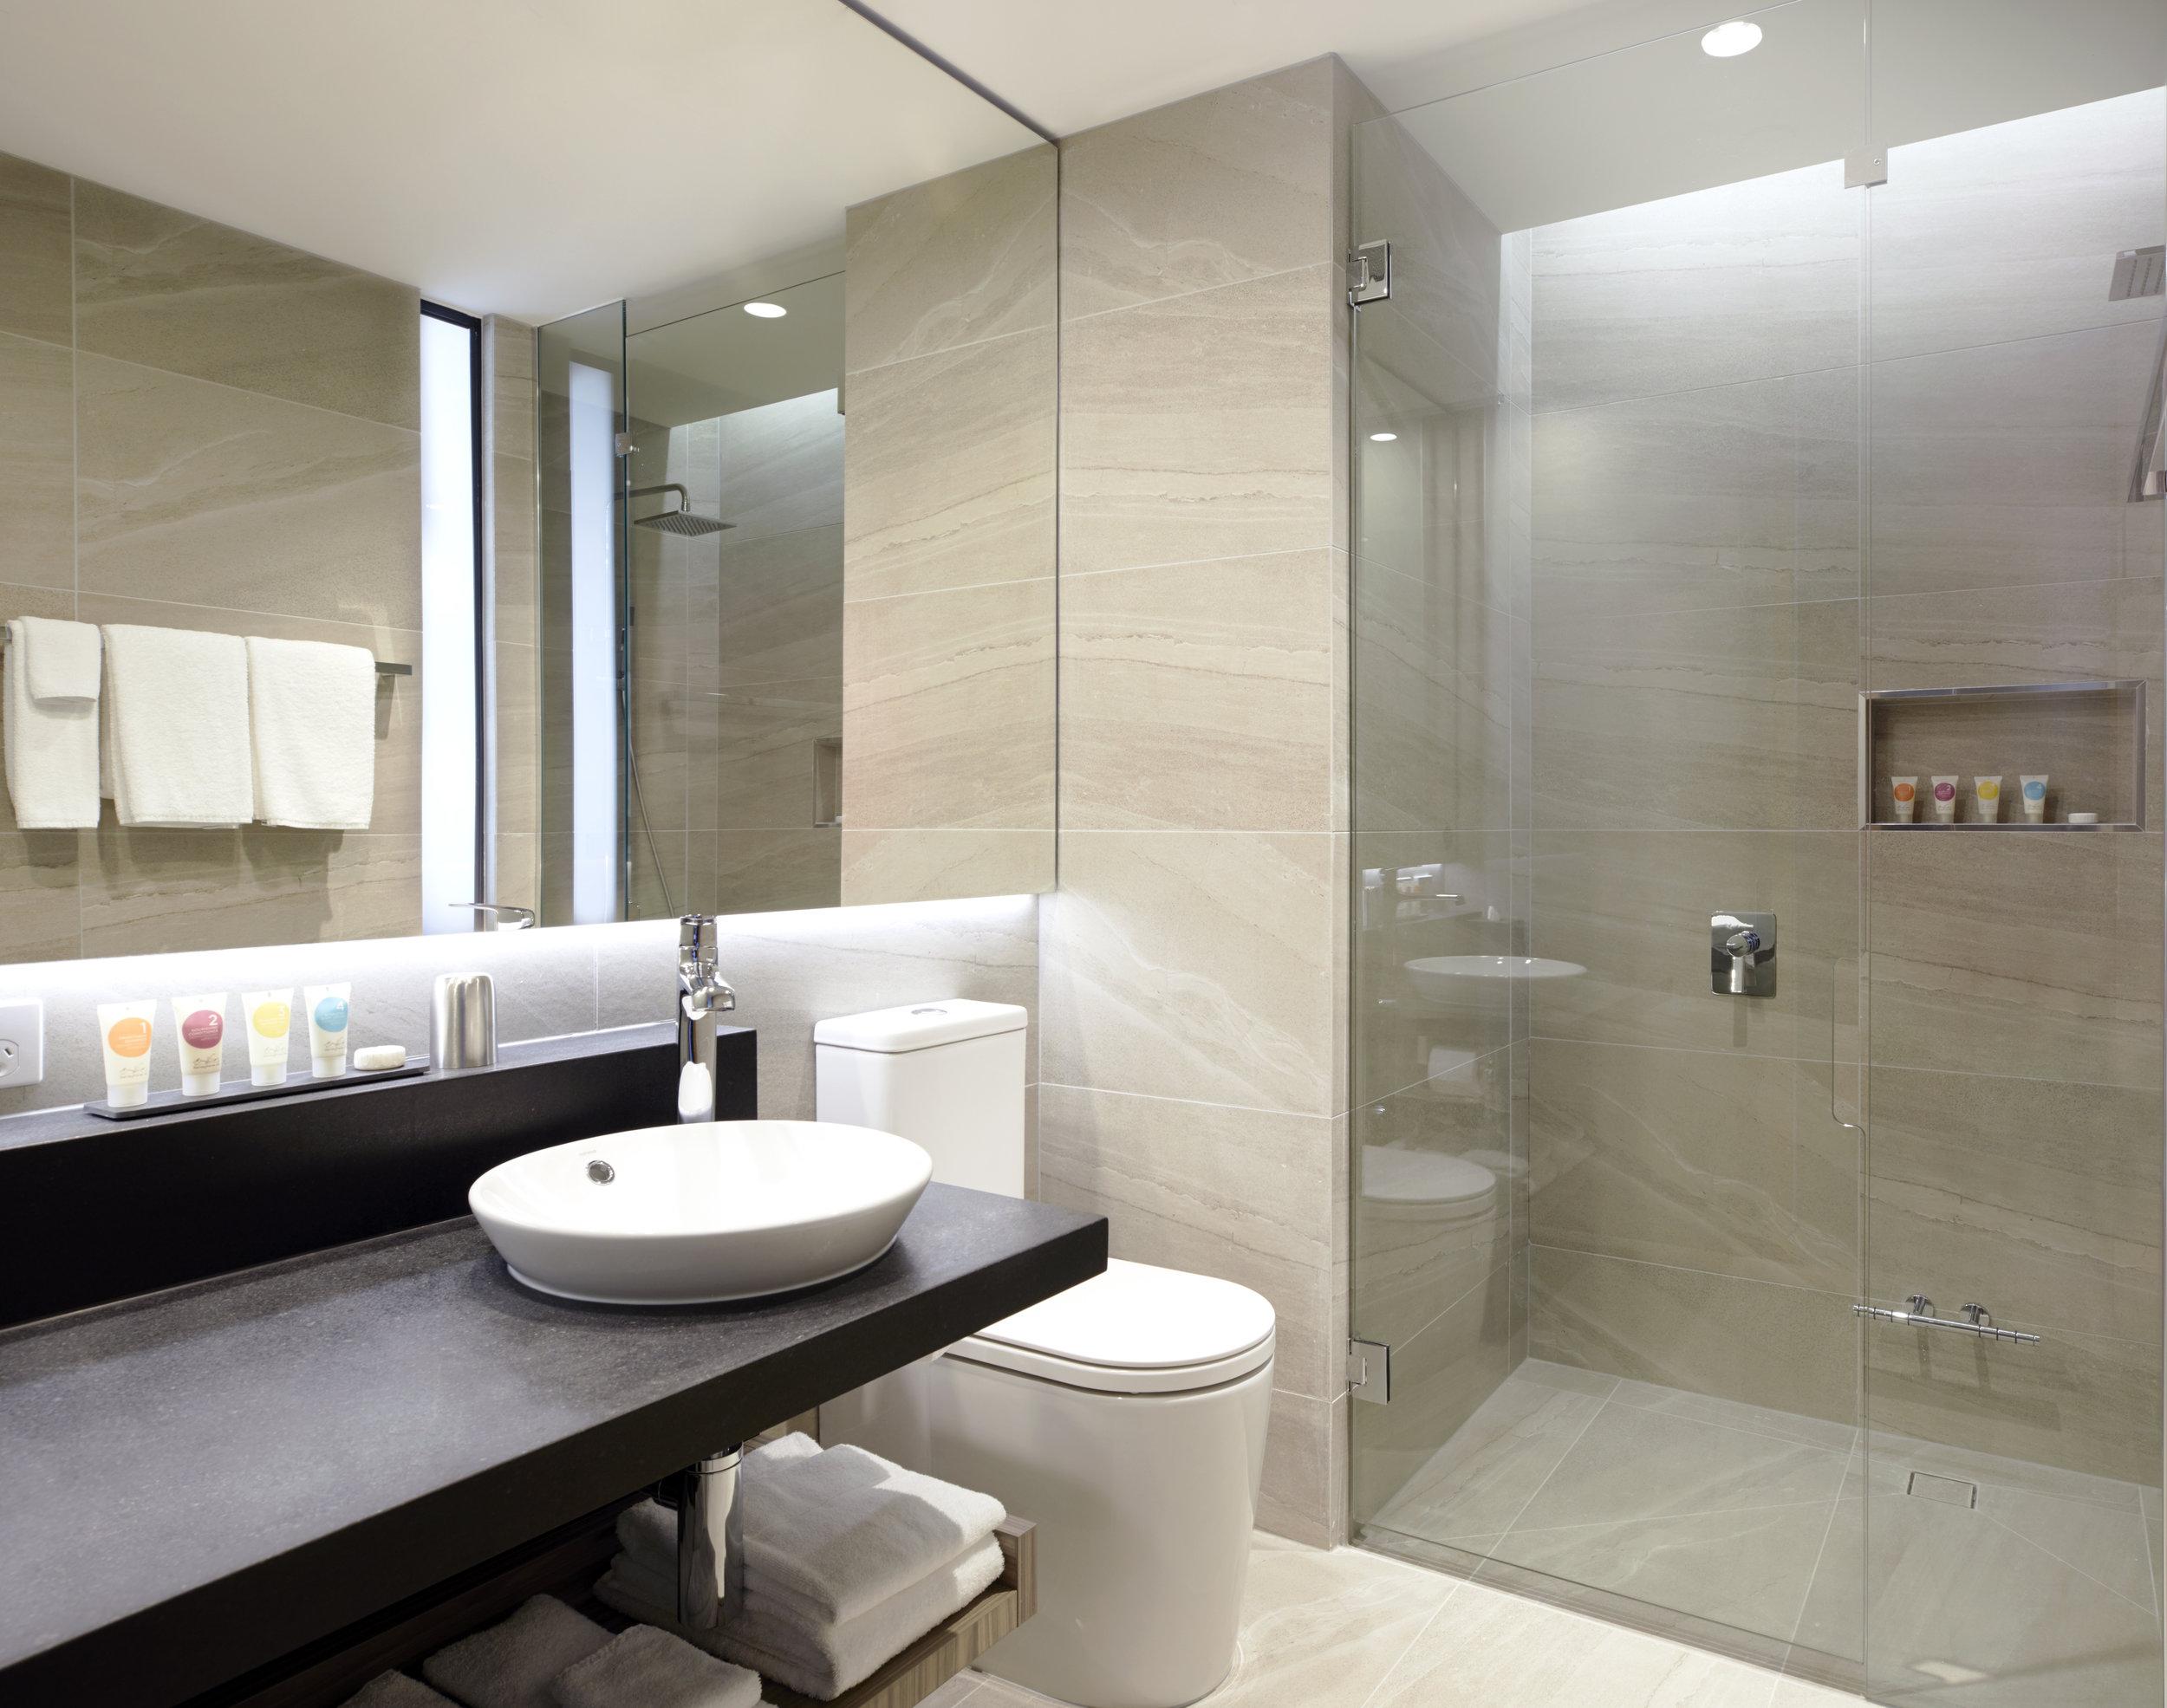 Hyatt Place Melbourne - King Bathroom.jpg